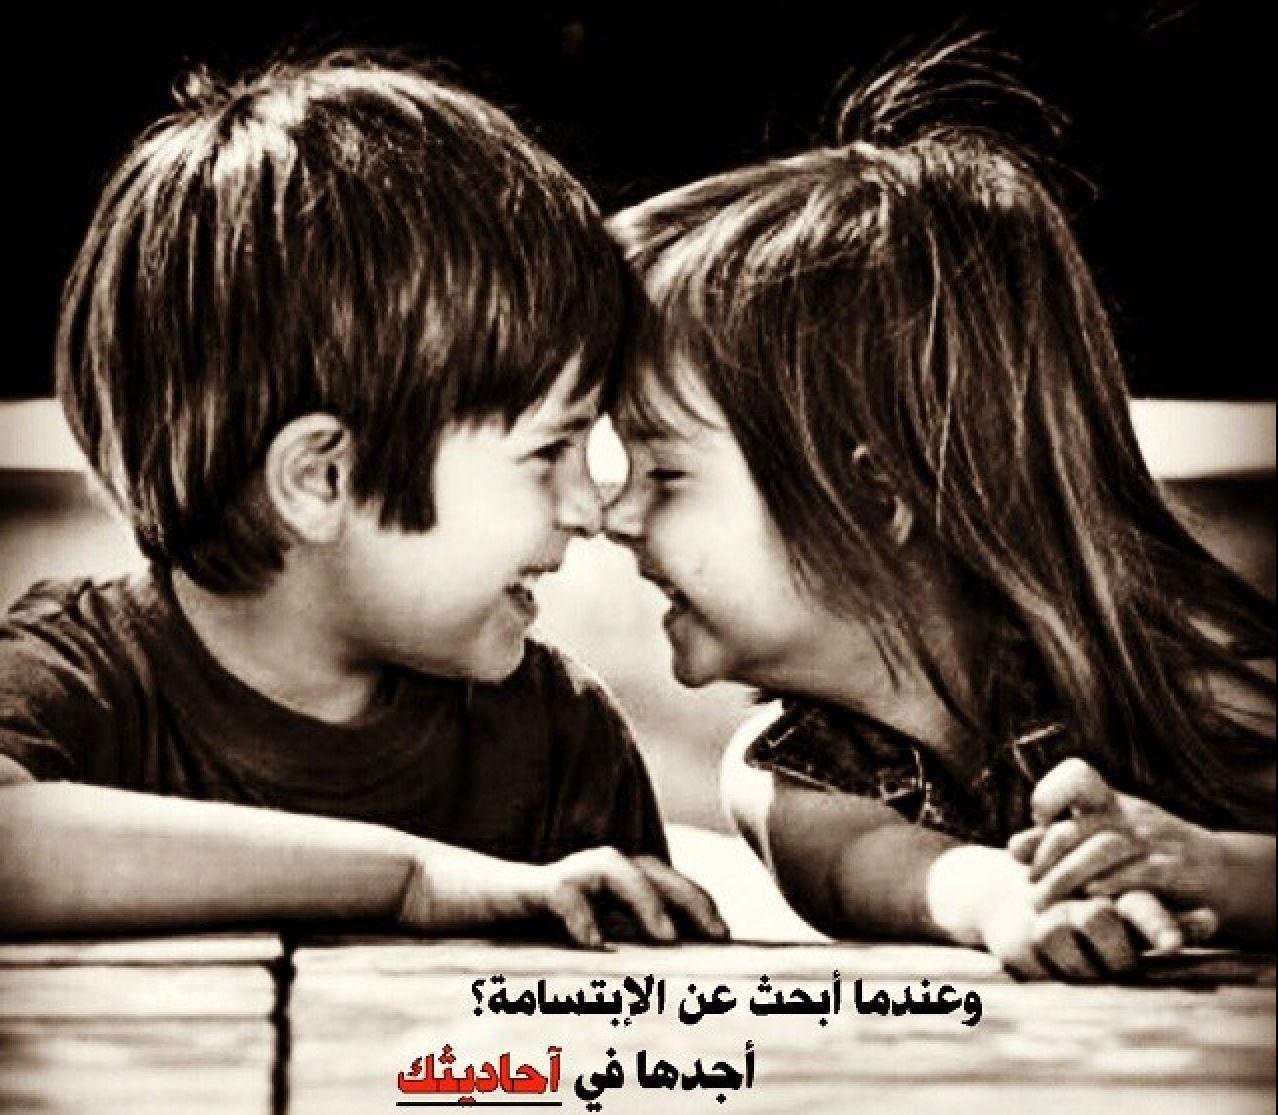 وعندما ابحث عن الابتسامة اجدها في احاديثك Talk About Love Live Love Feelings